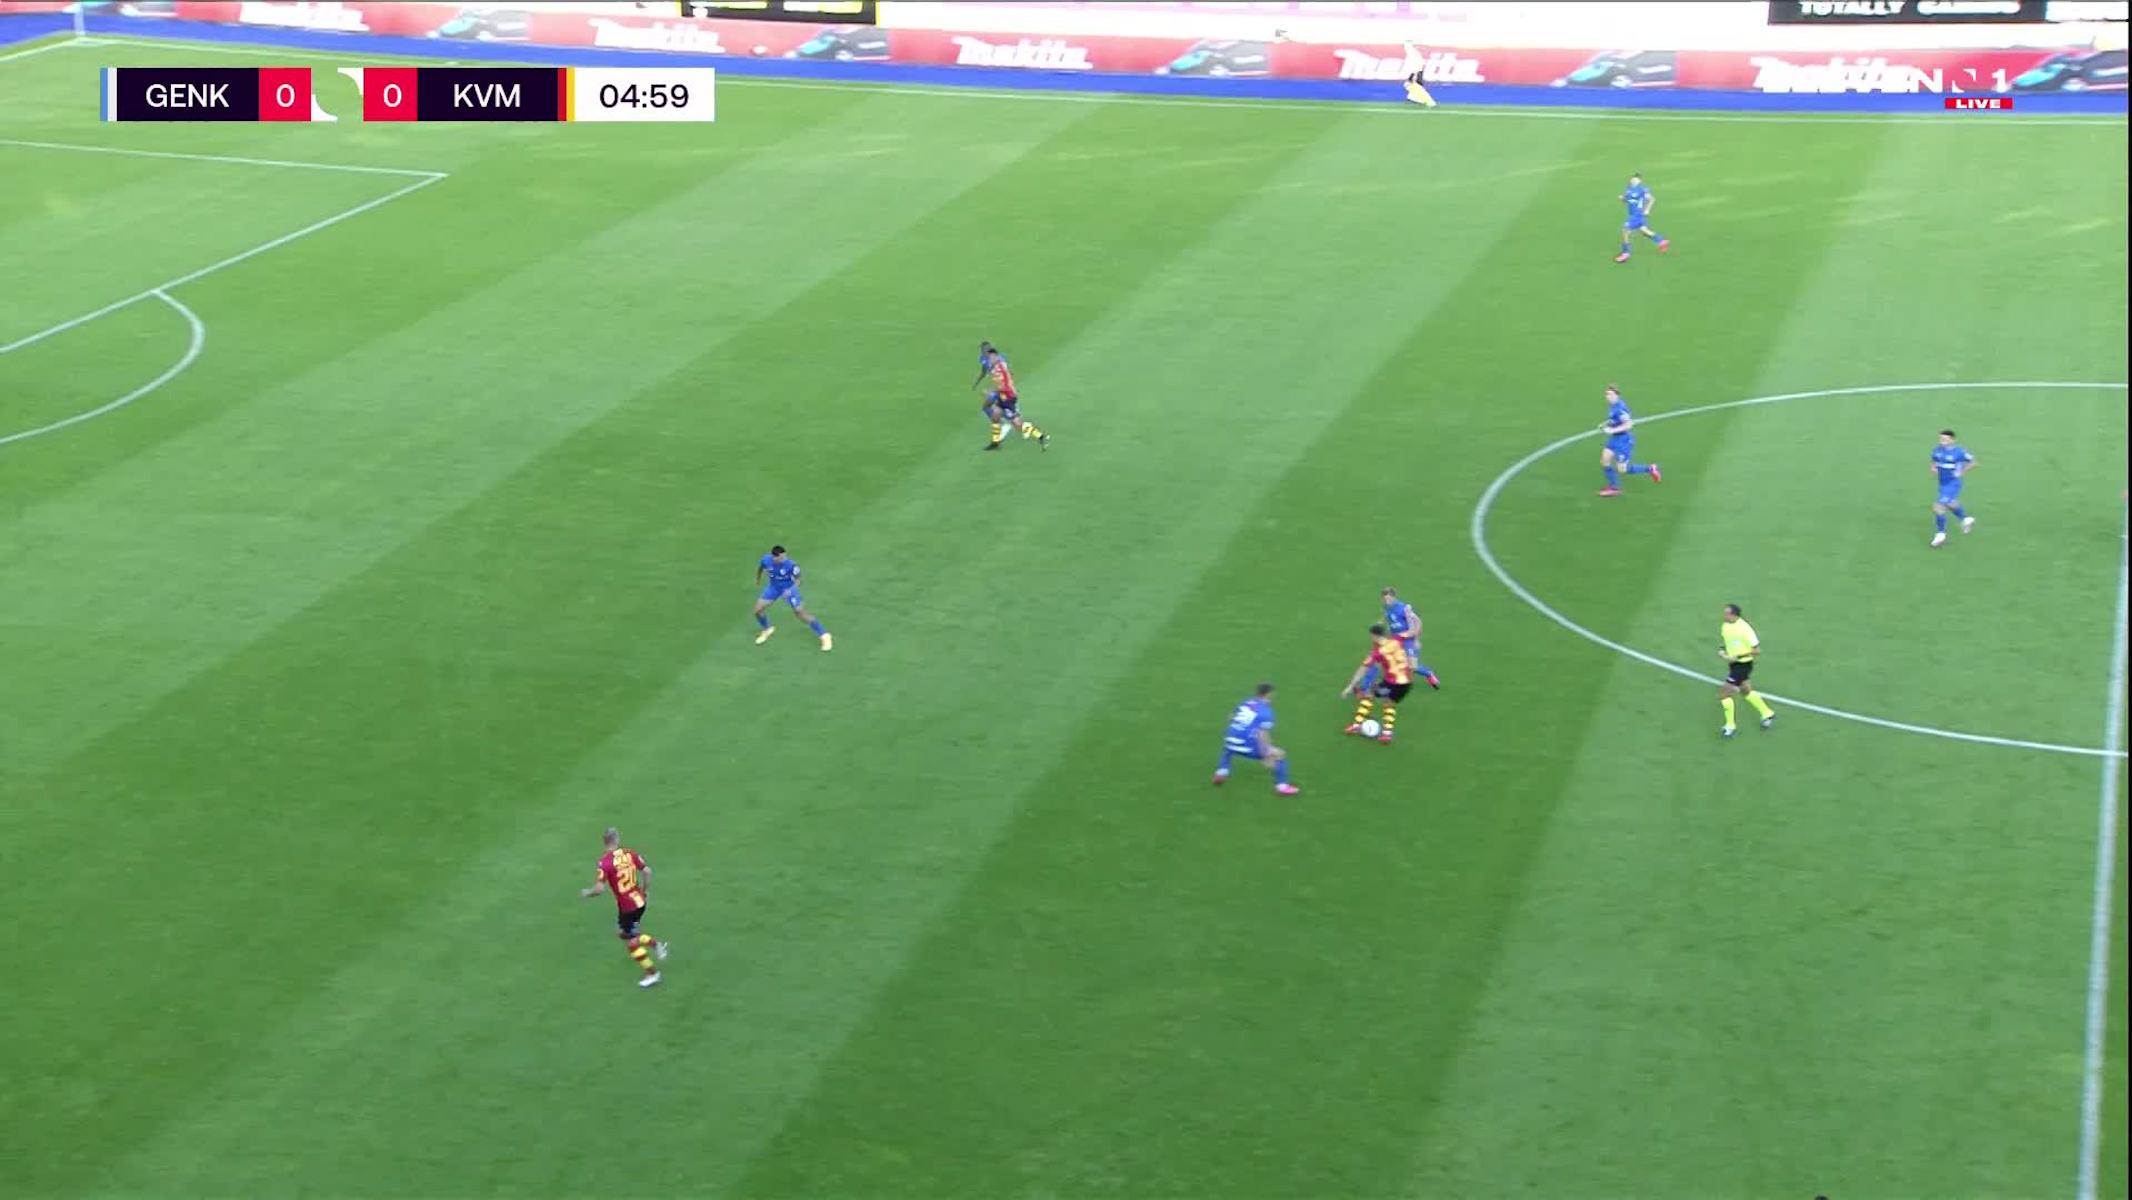 Doelpunt Kerim Mrabti (KRC Genk vs. KV Mechelen)